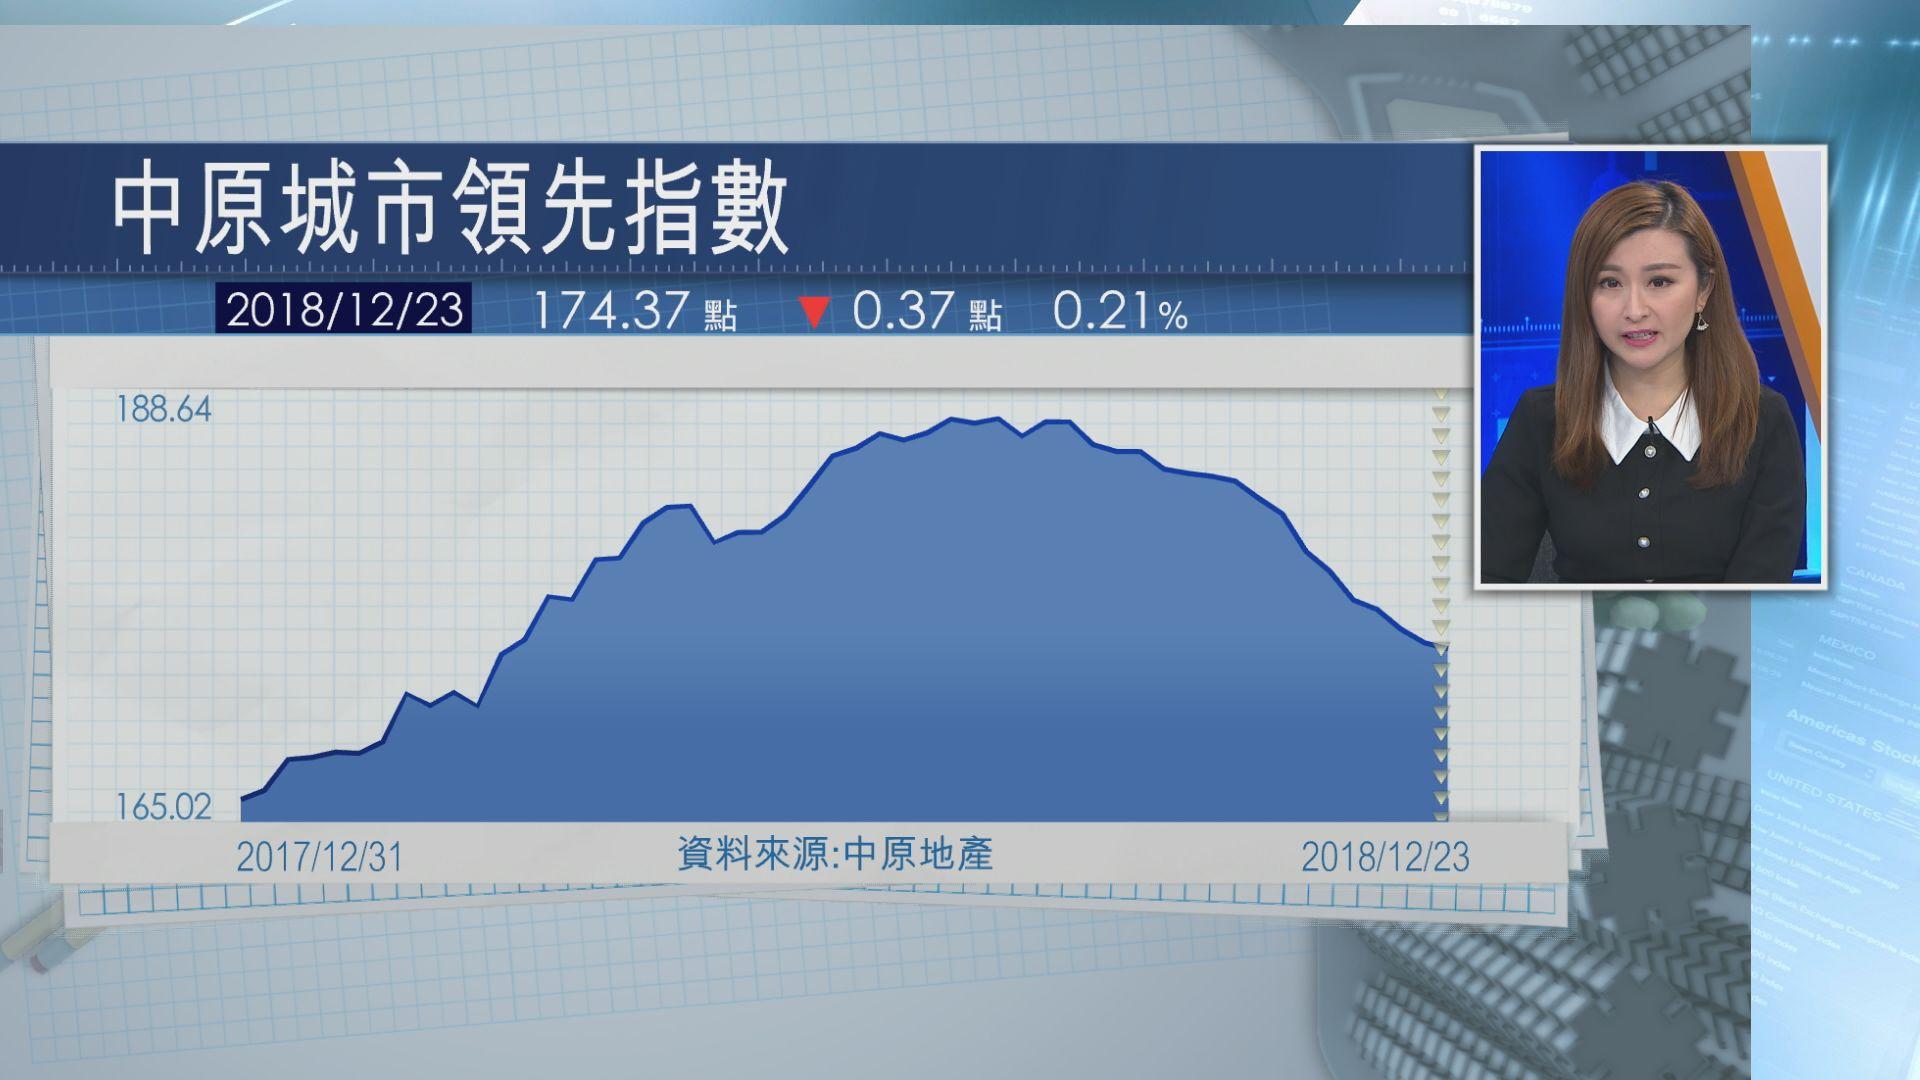 【延續十年最長跌浪】CCL連跌13周 累挫逾6%